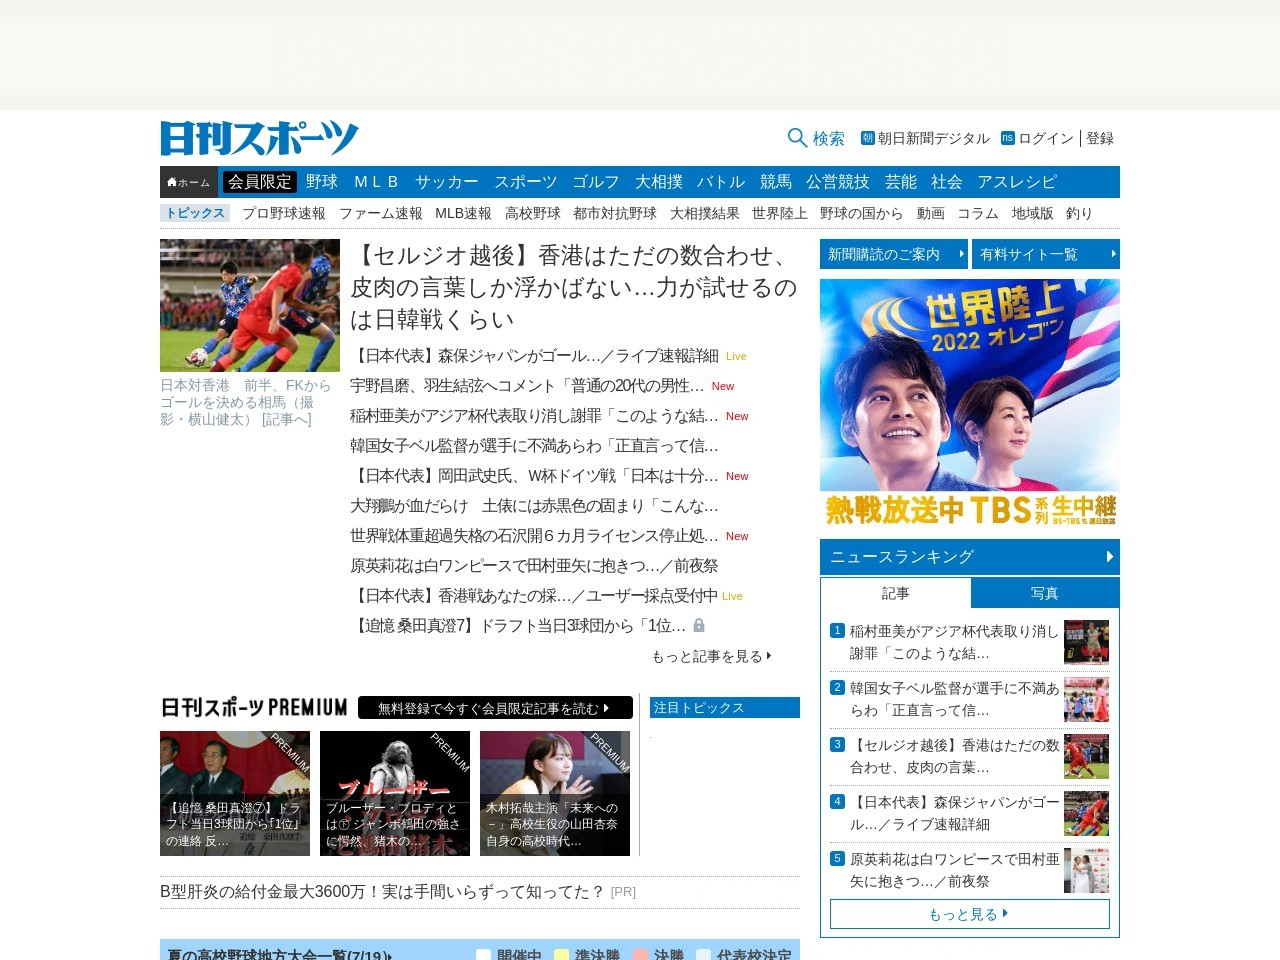 桃田が涙連覇で金に近づく 東京五輪会場で10戦全勝